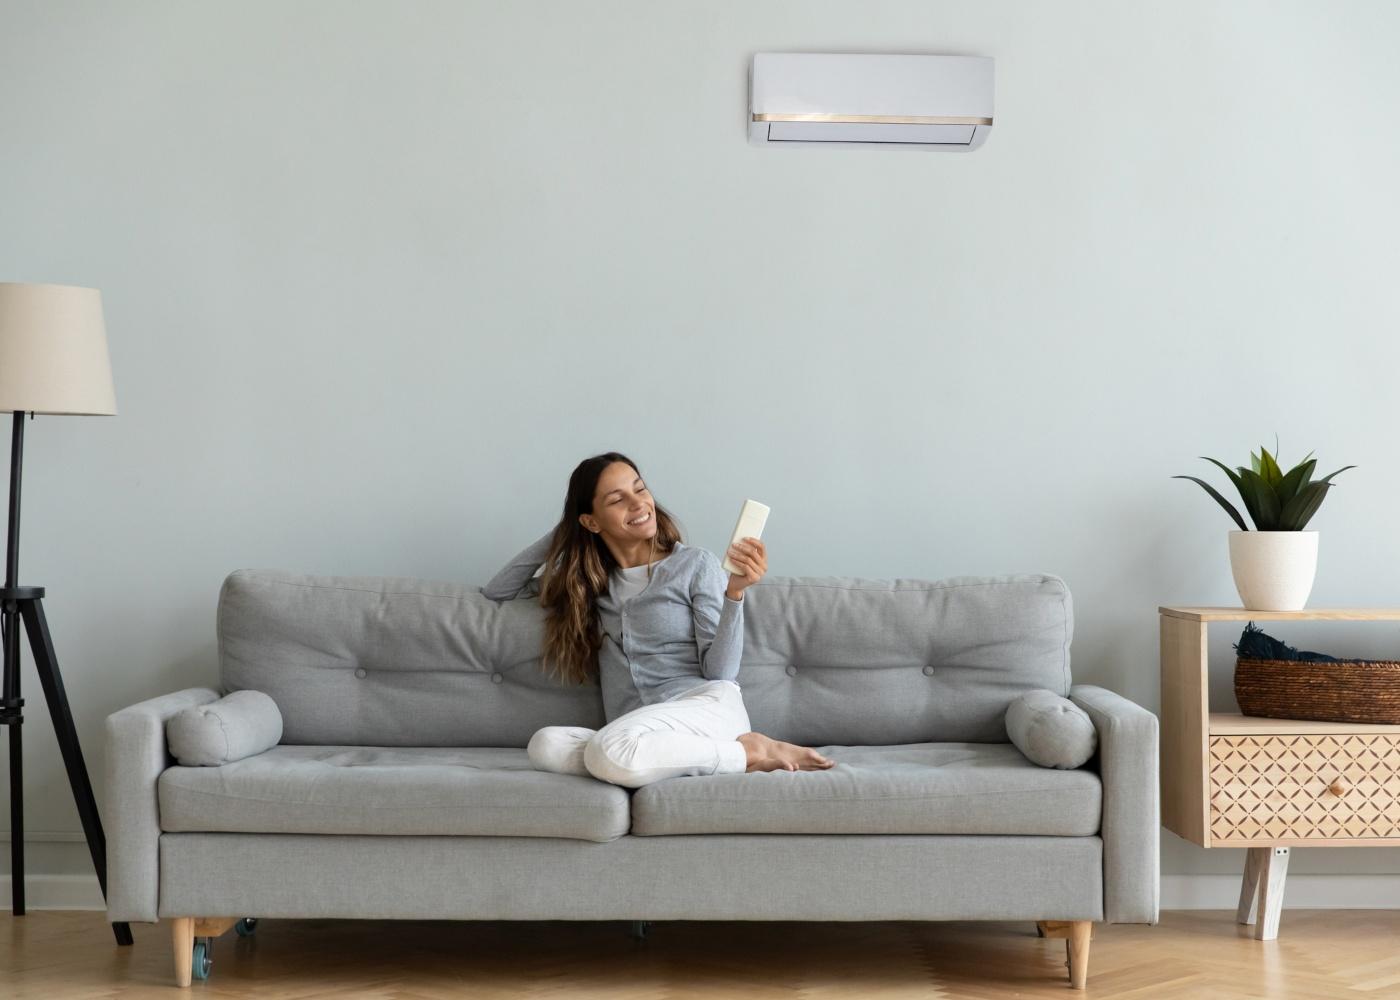 programar ar condicionado